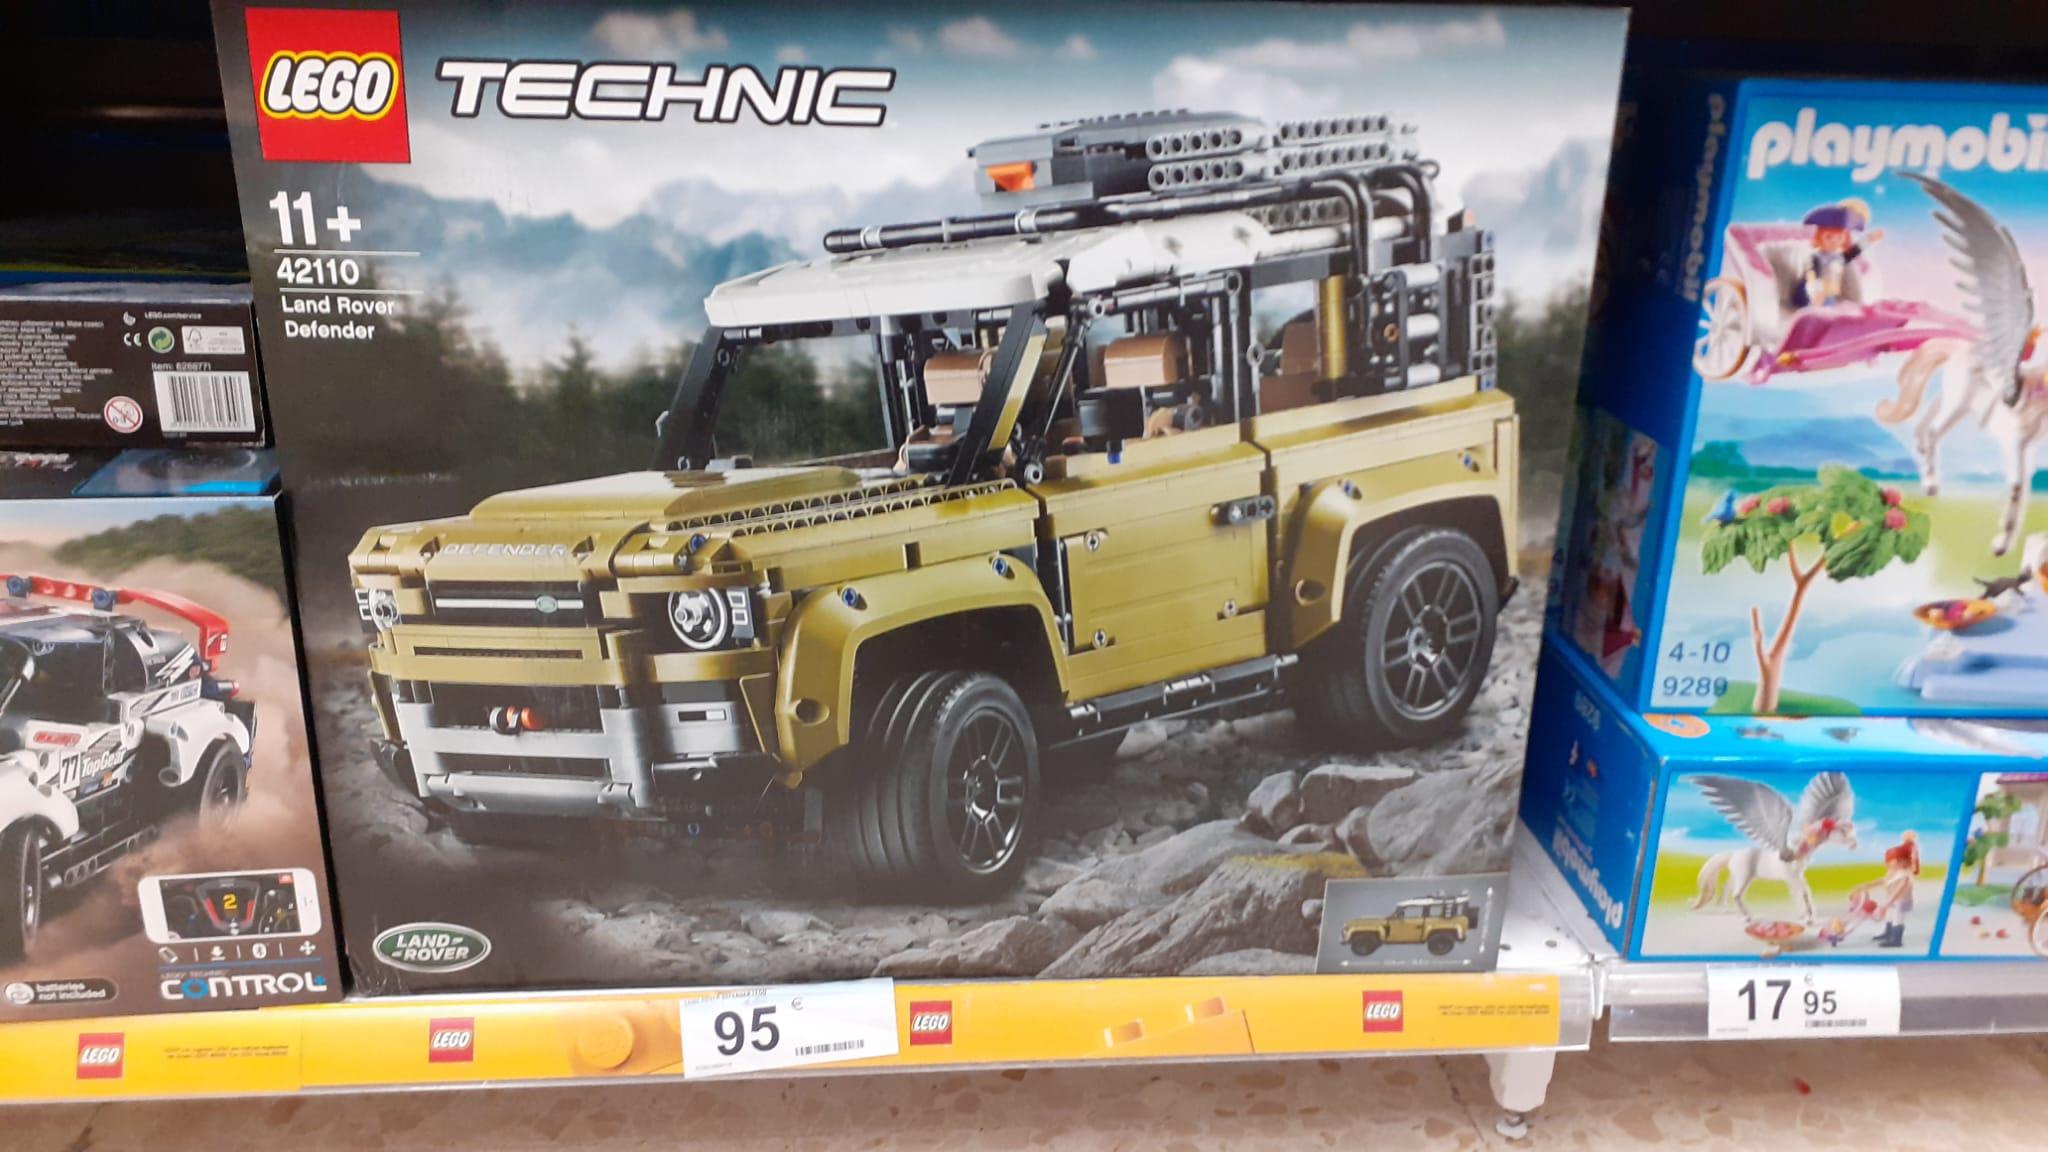 LEGO Technic 42110 Land Rover Defender en el Carrefour de Bahía Sur en San Fernando, Cádiz